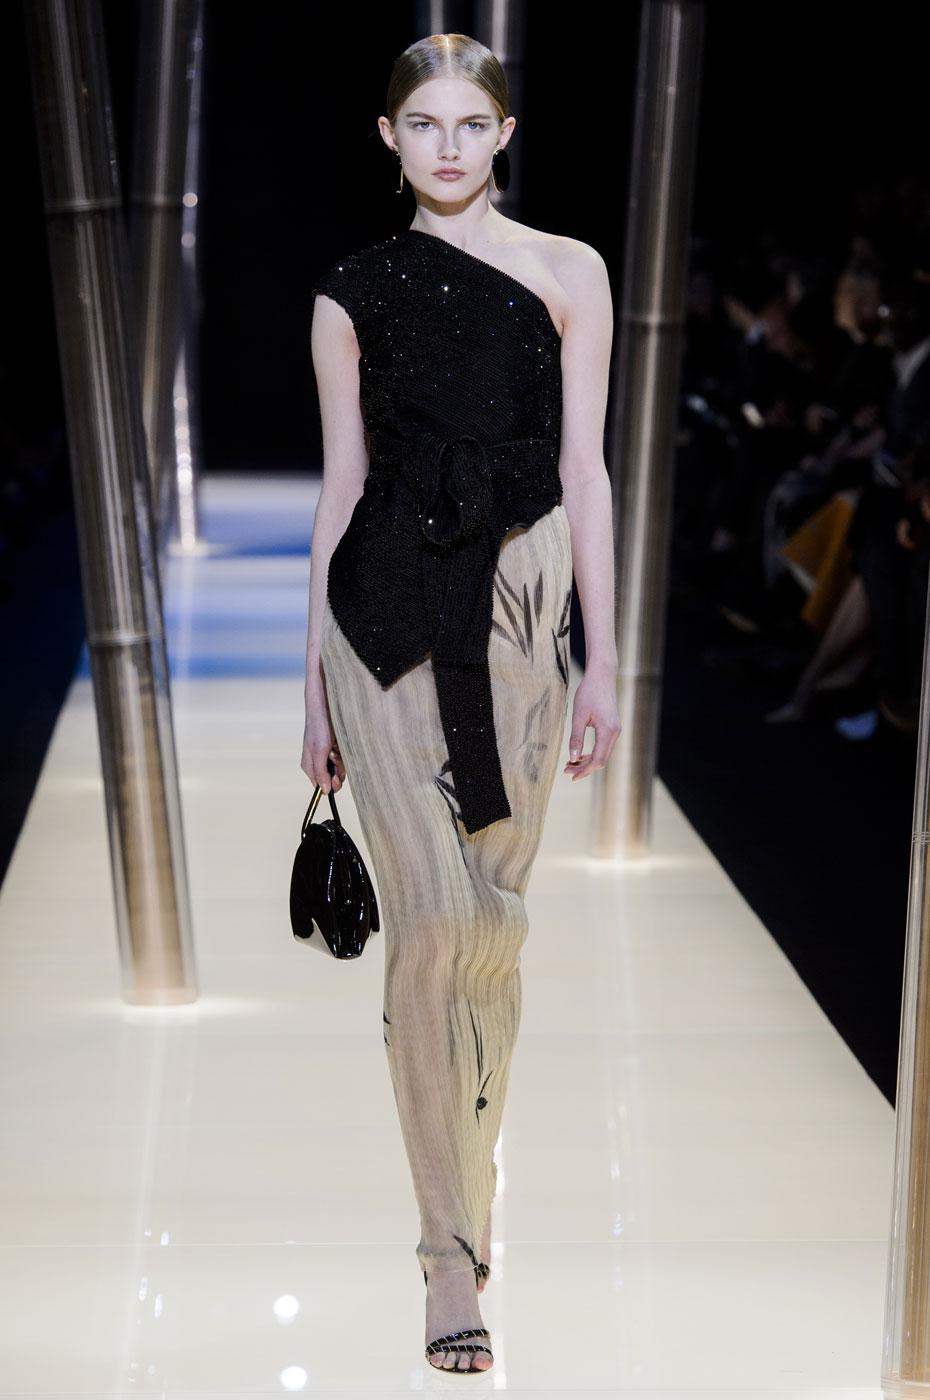 Giorgio-armani-Prive-fashion-runway-show-haute-couture-paris-spring-2015-the-impression-089